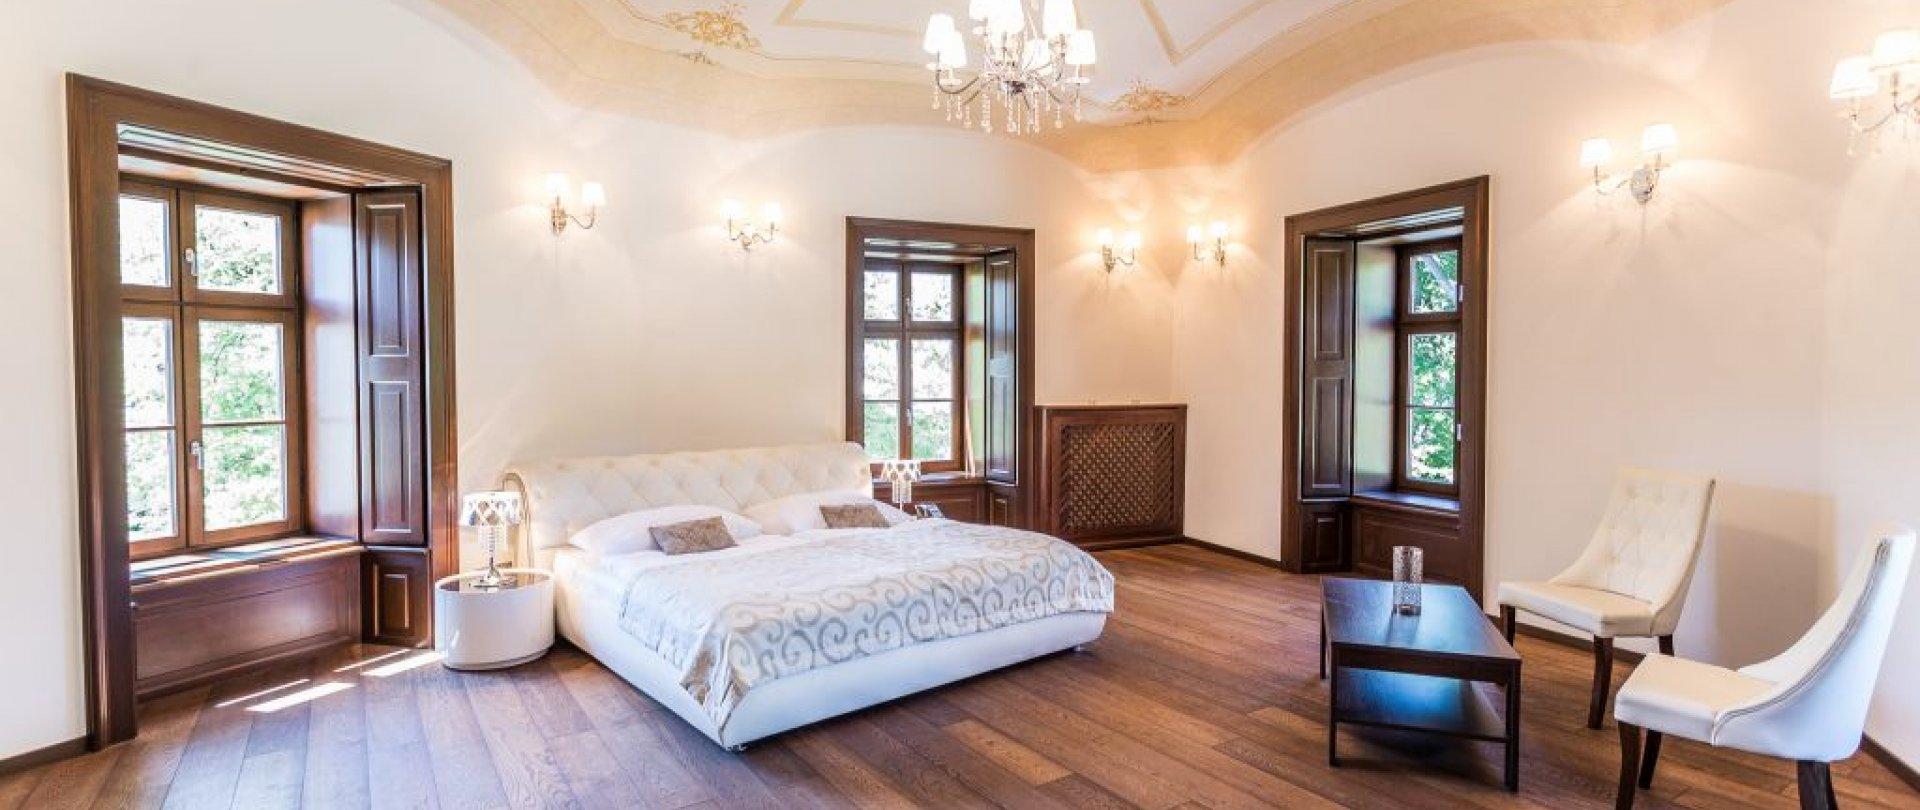 Prestigious apartment